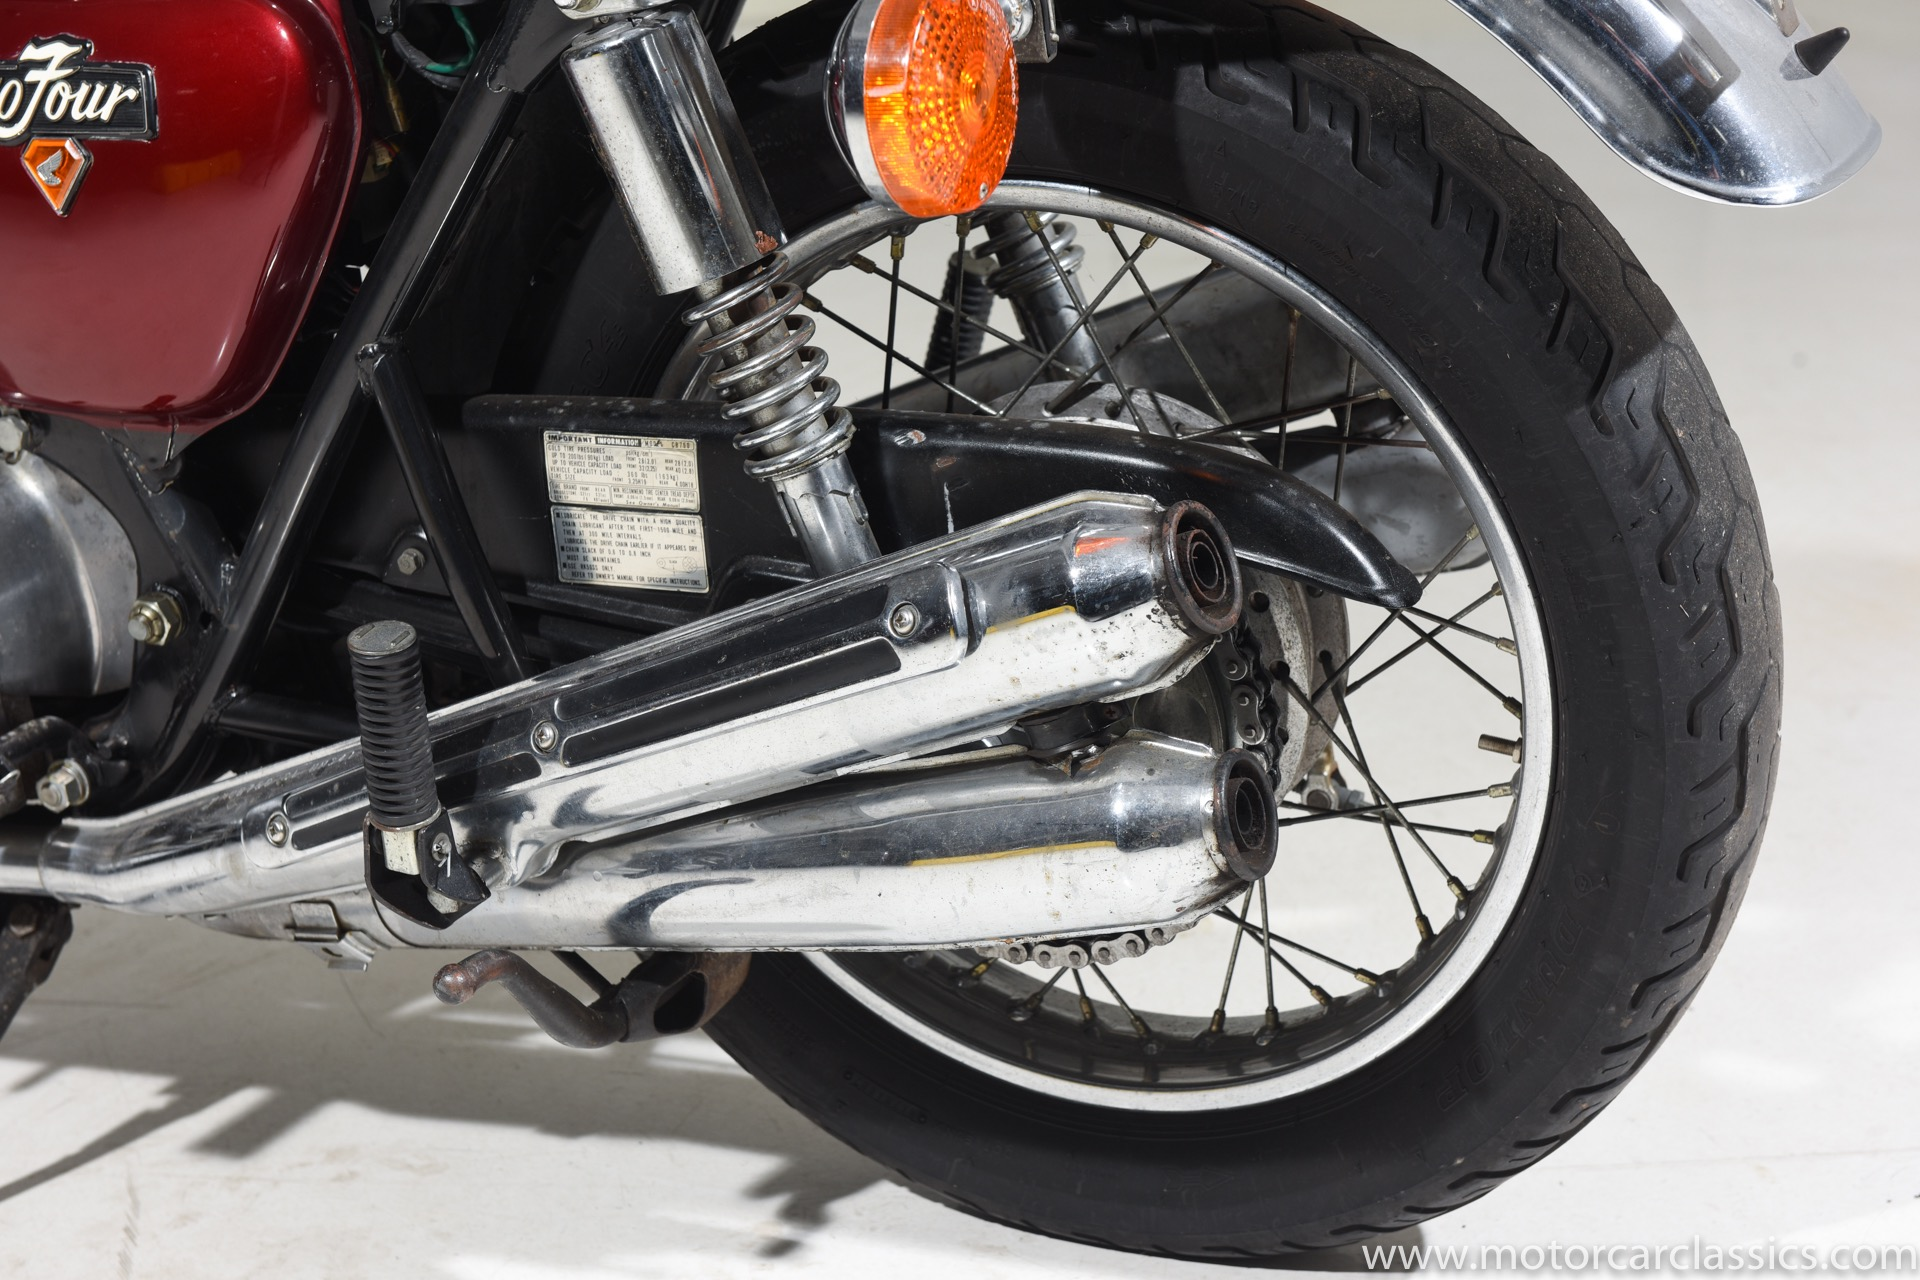 1975 Honda CB750 Four